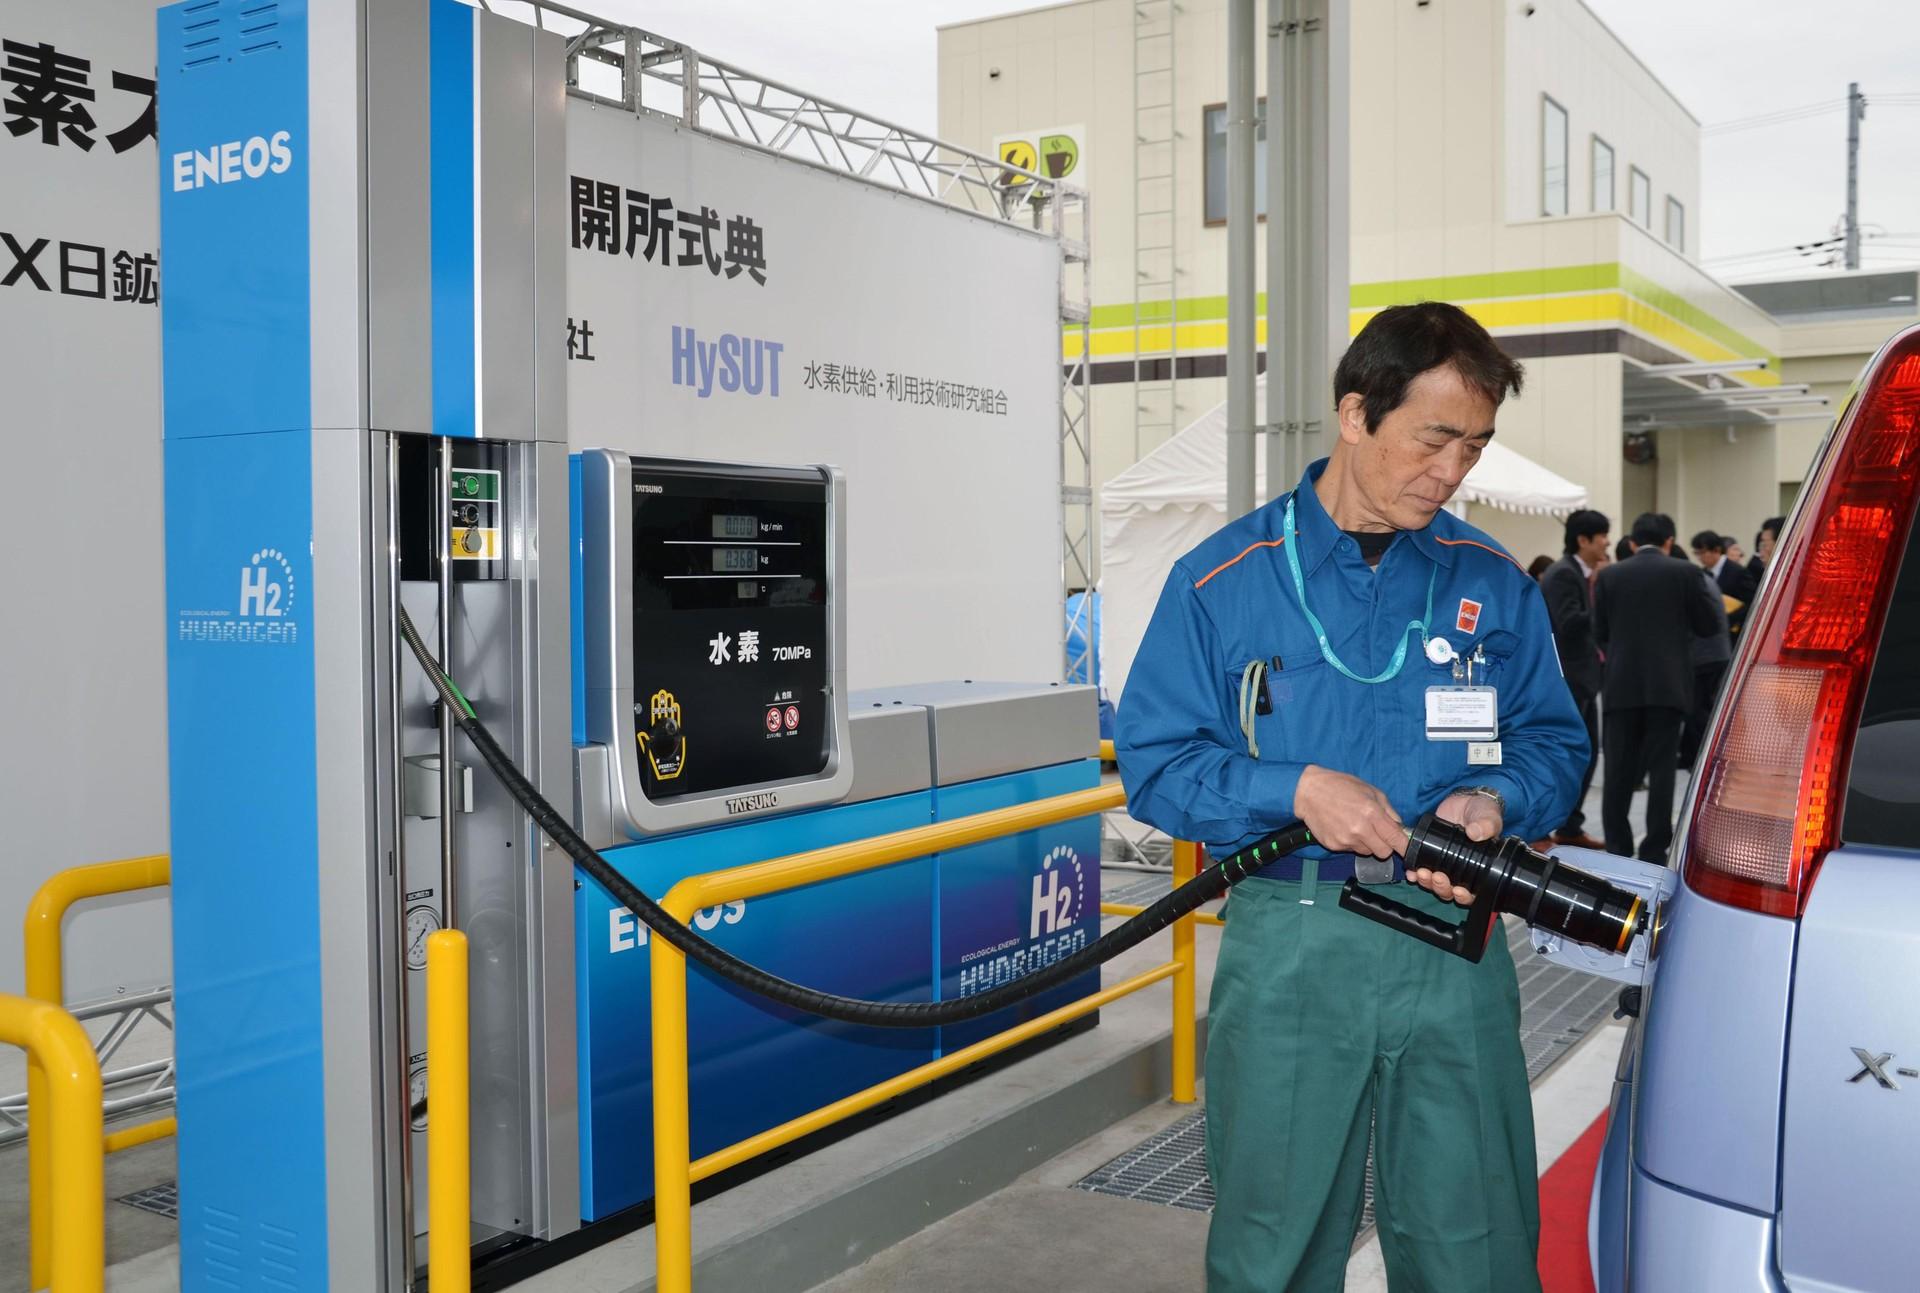 Japão inaugura primeira estação de hidrogênio para carros